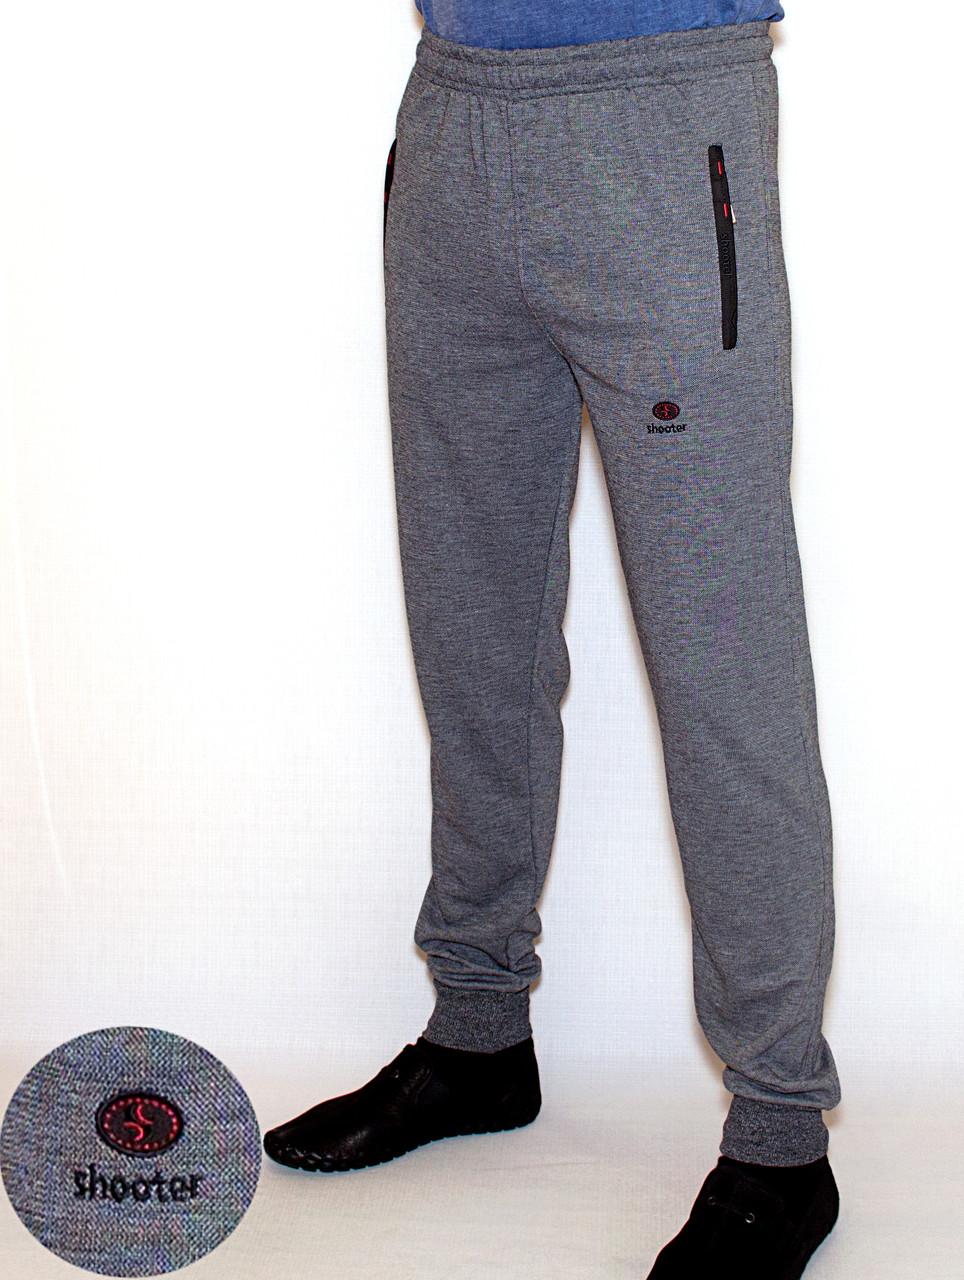 Мужские спортивные штаны на манжете Shooter (M) 4511